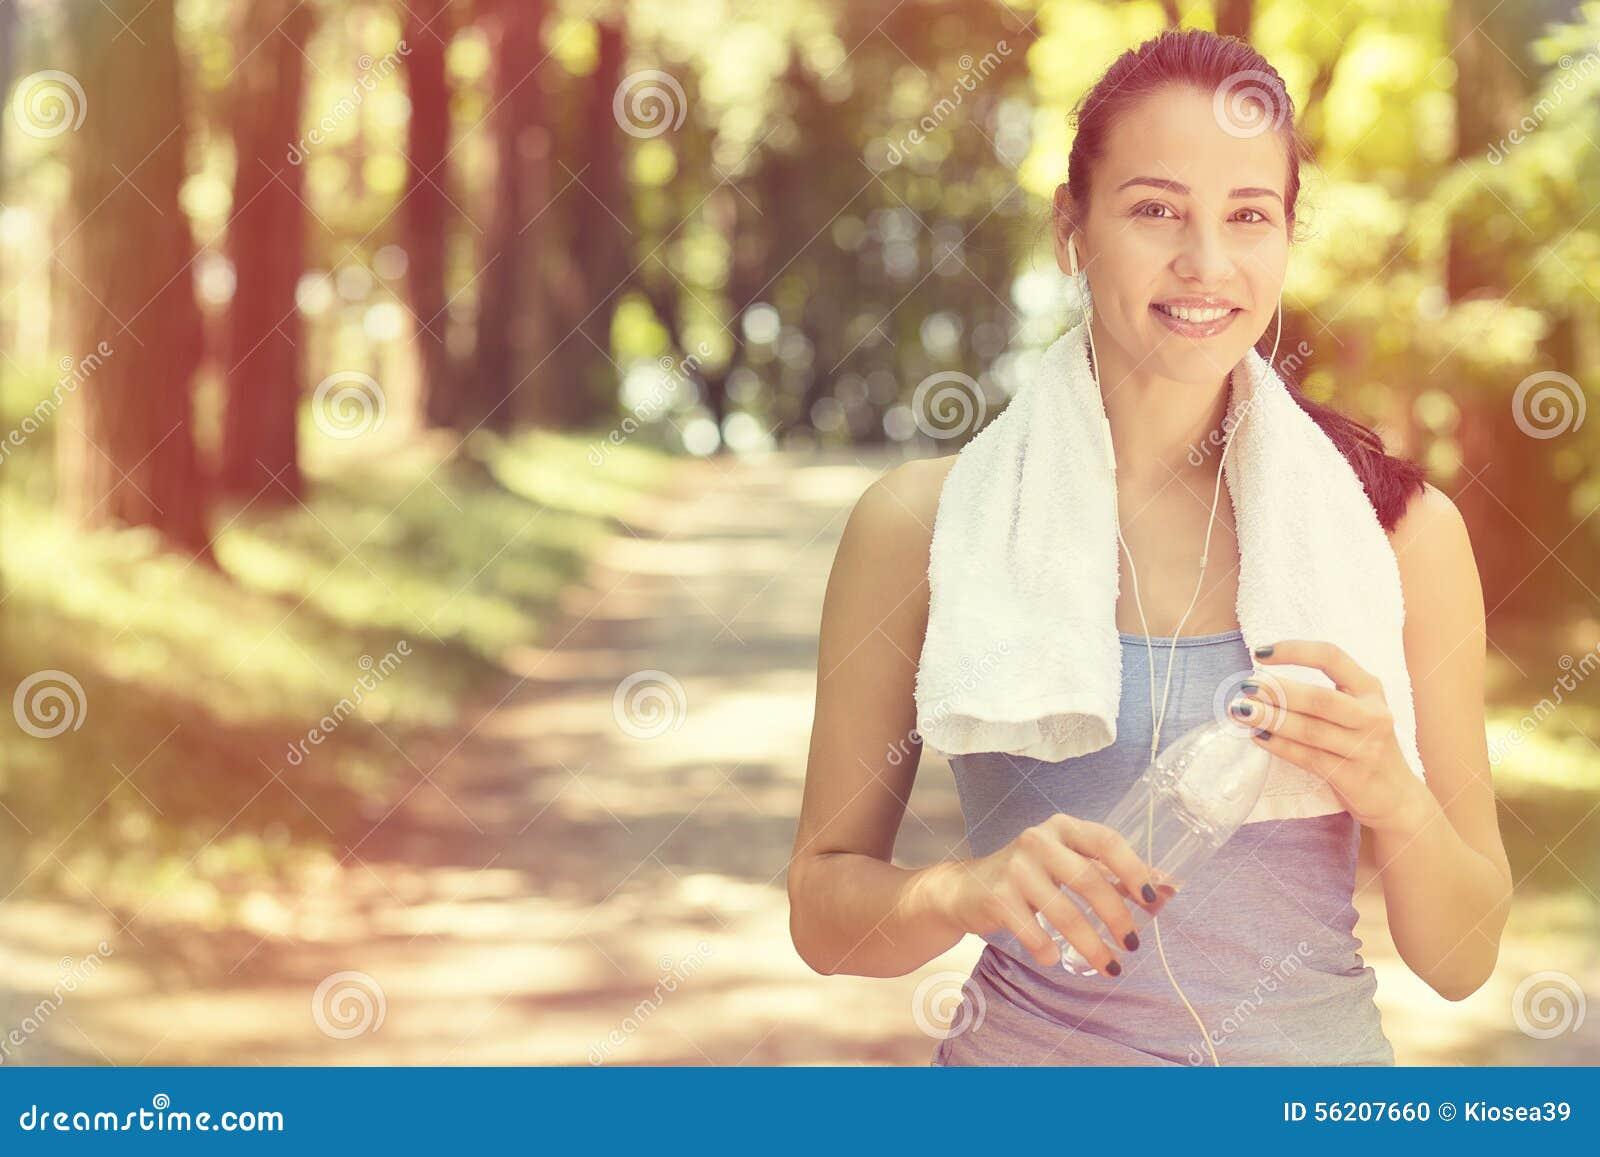 La mujer apta sonriente con la toalla blanca que descansa después de deporte ejercita